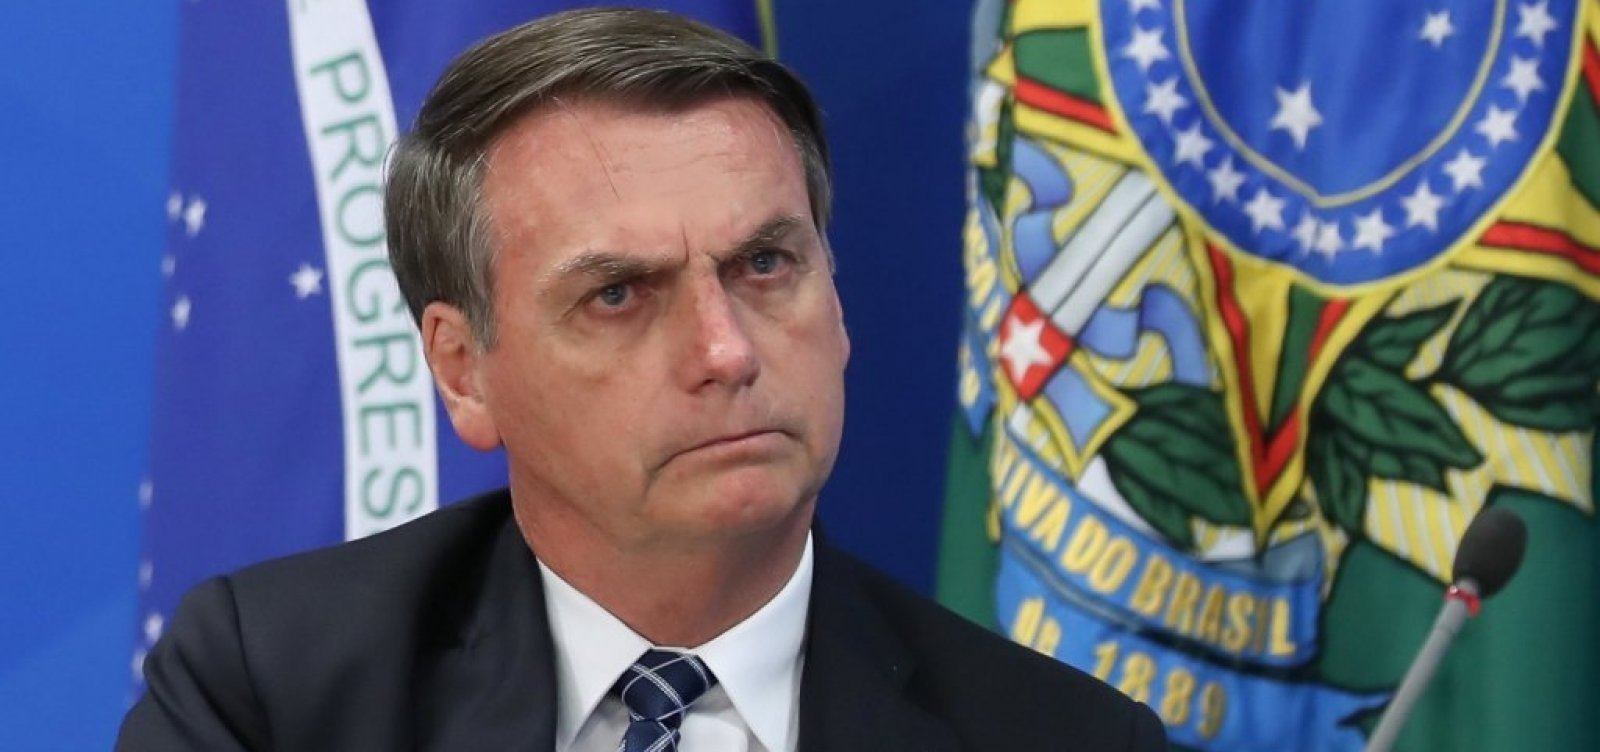 [Após chamar de 'vacina de Doria', Bolsonaro diz que imunizante 'não é de nenhum governador']